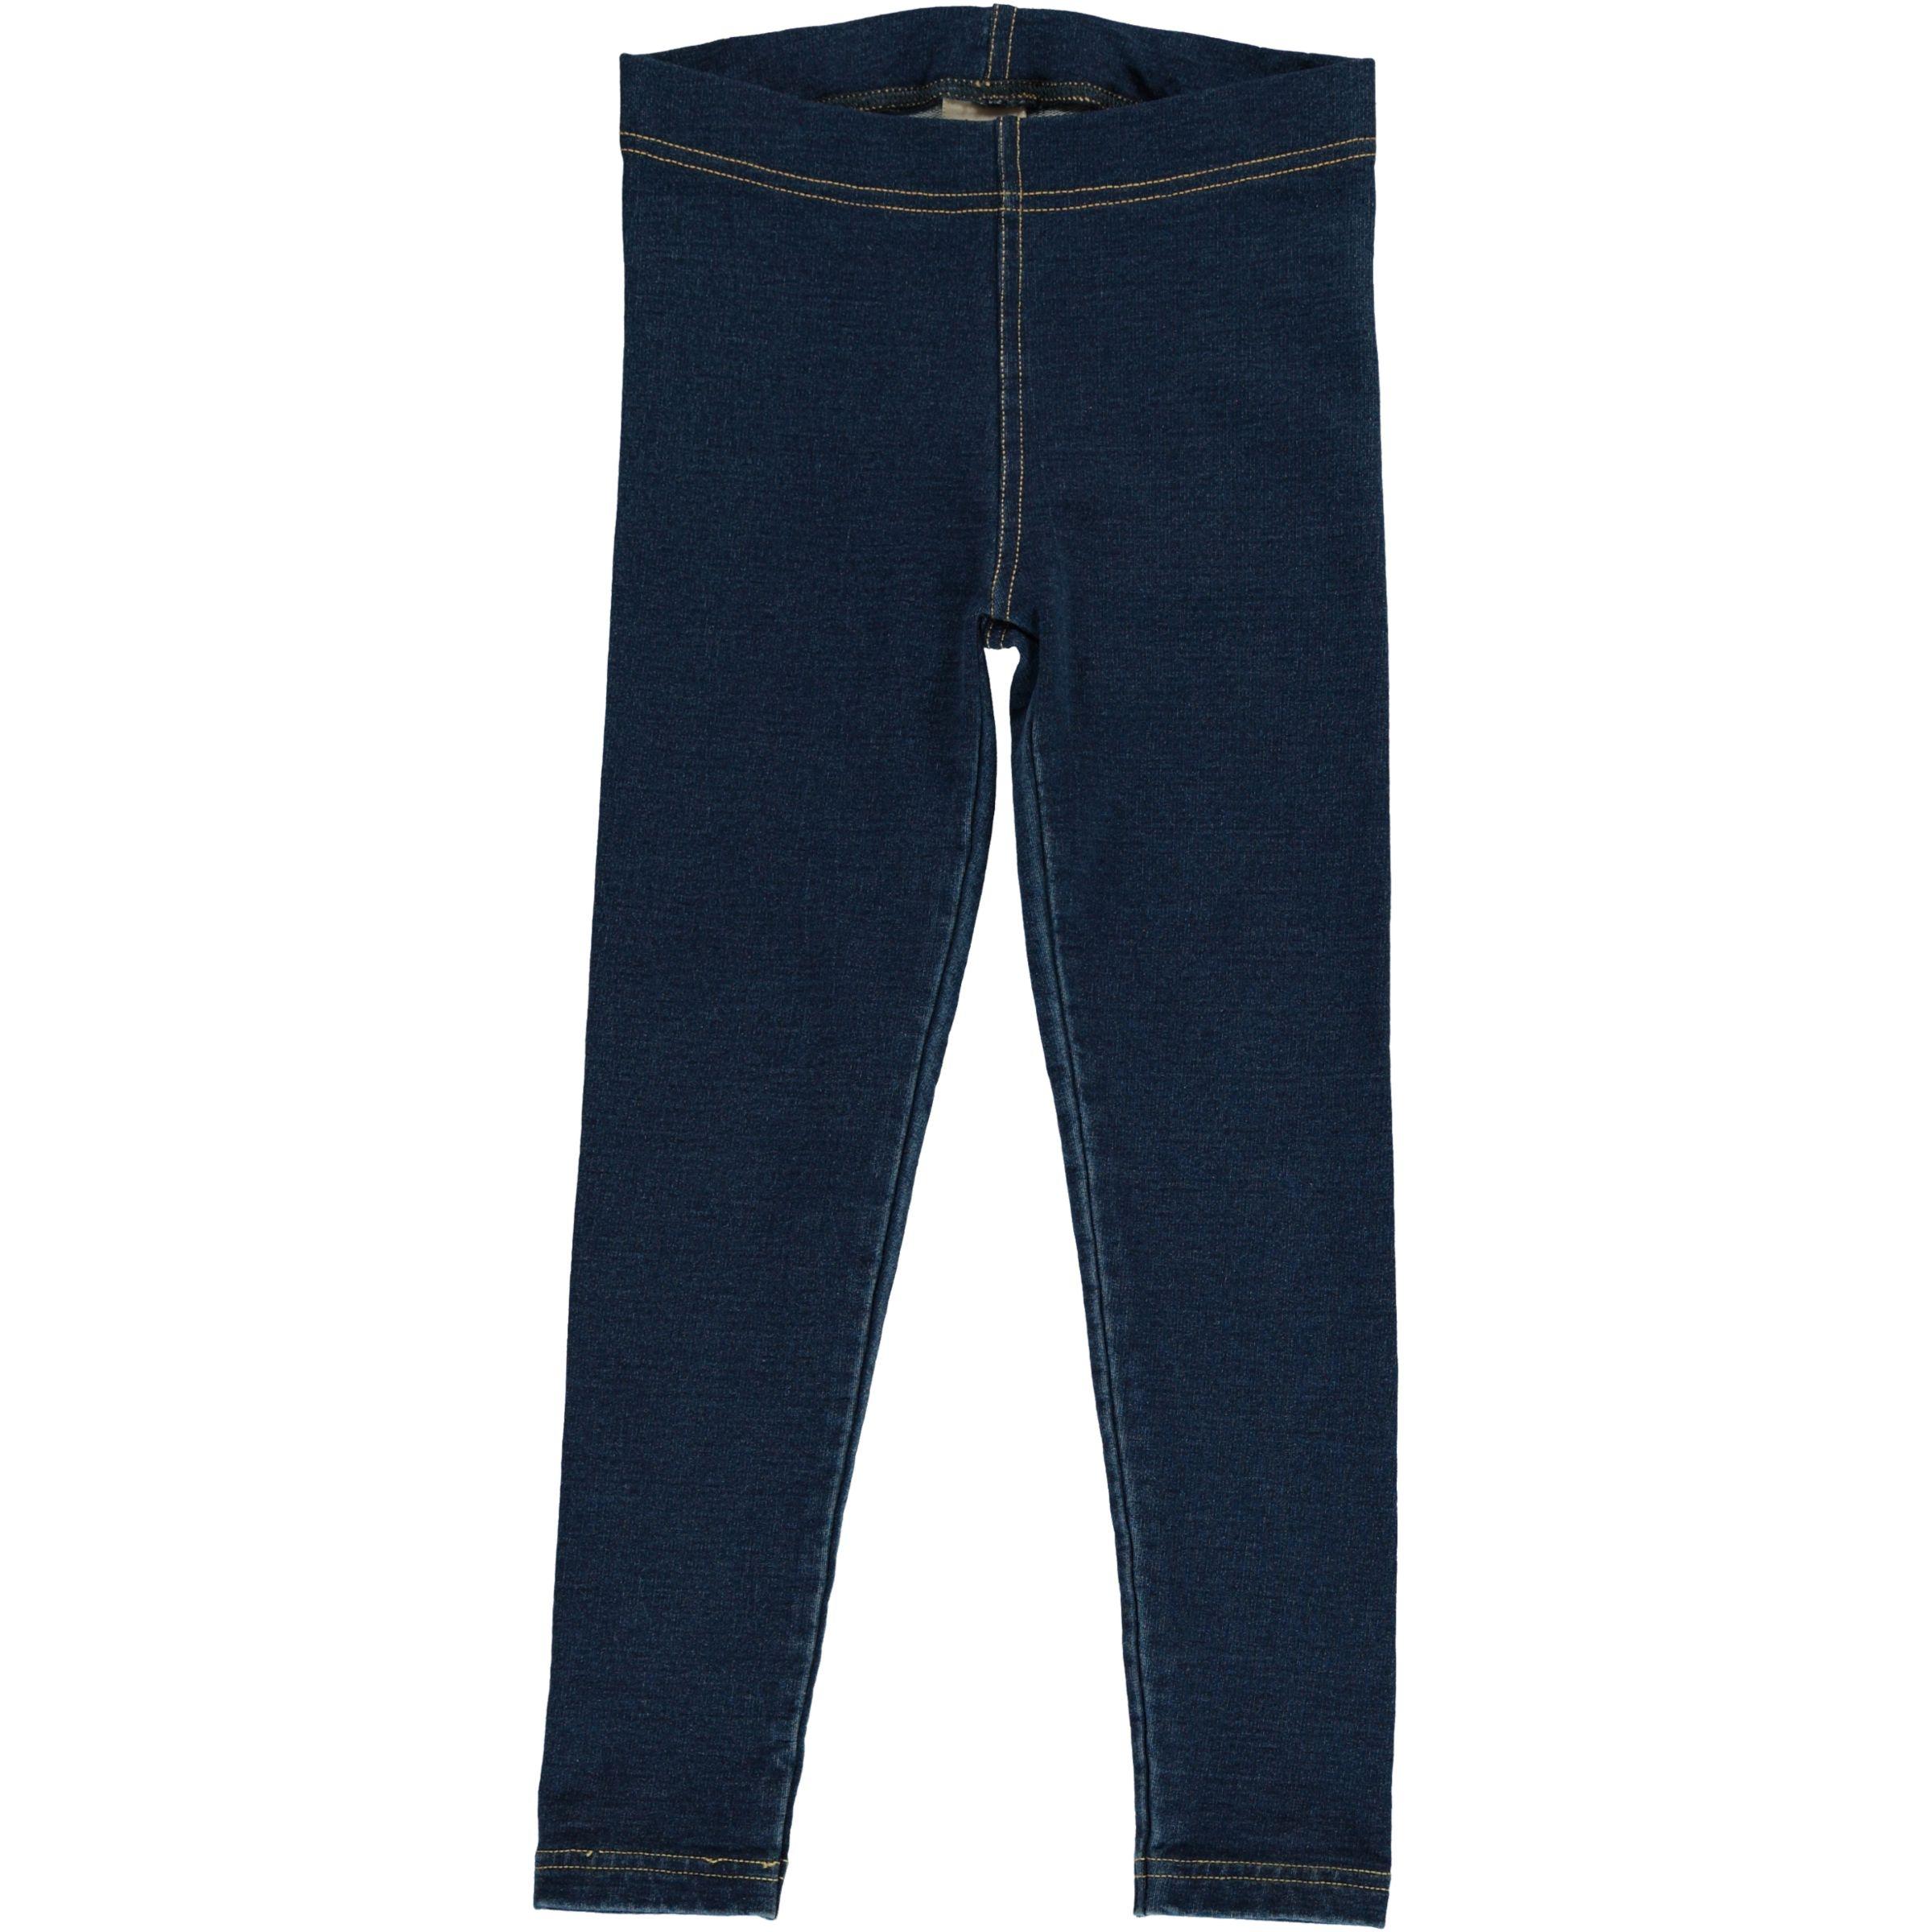 Maxomorra Leggings Sweat Solid INDIGO 098/104